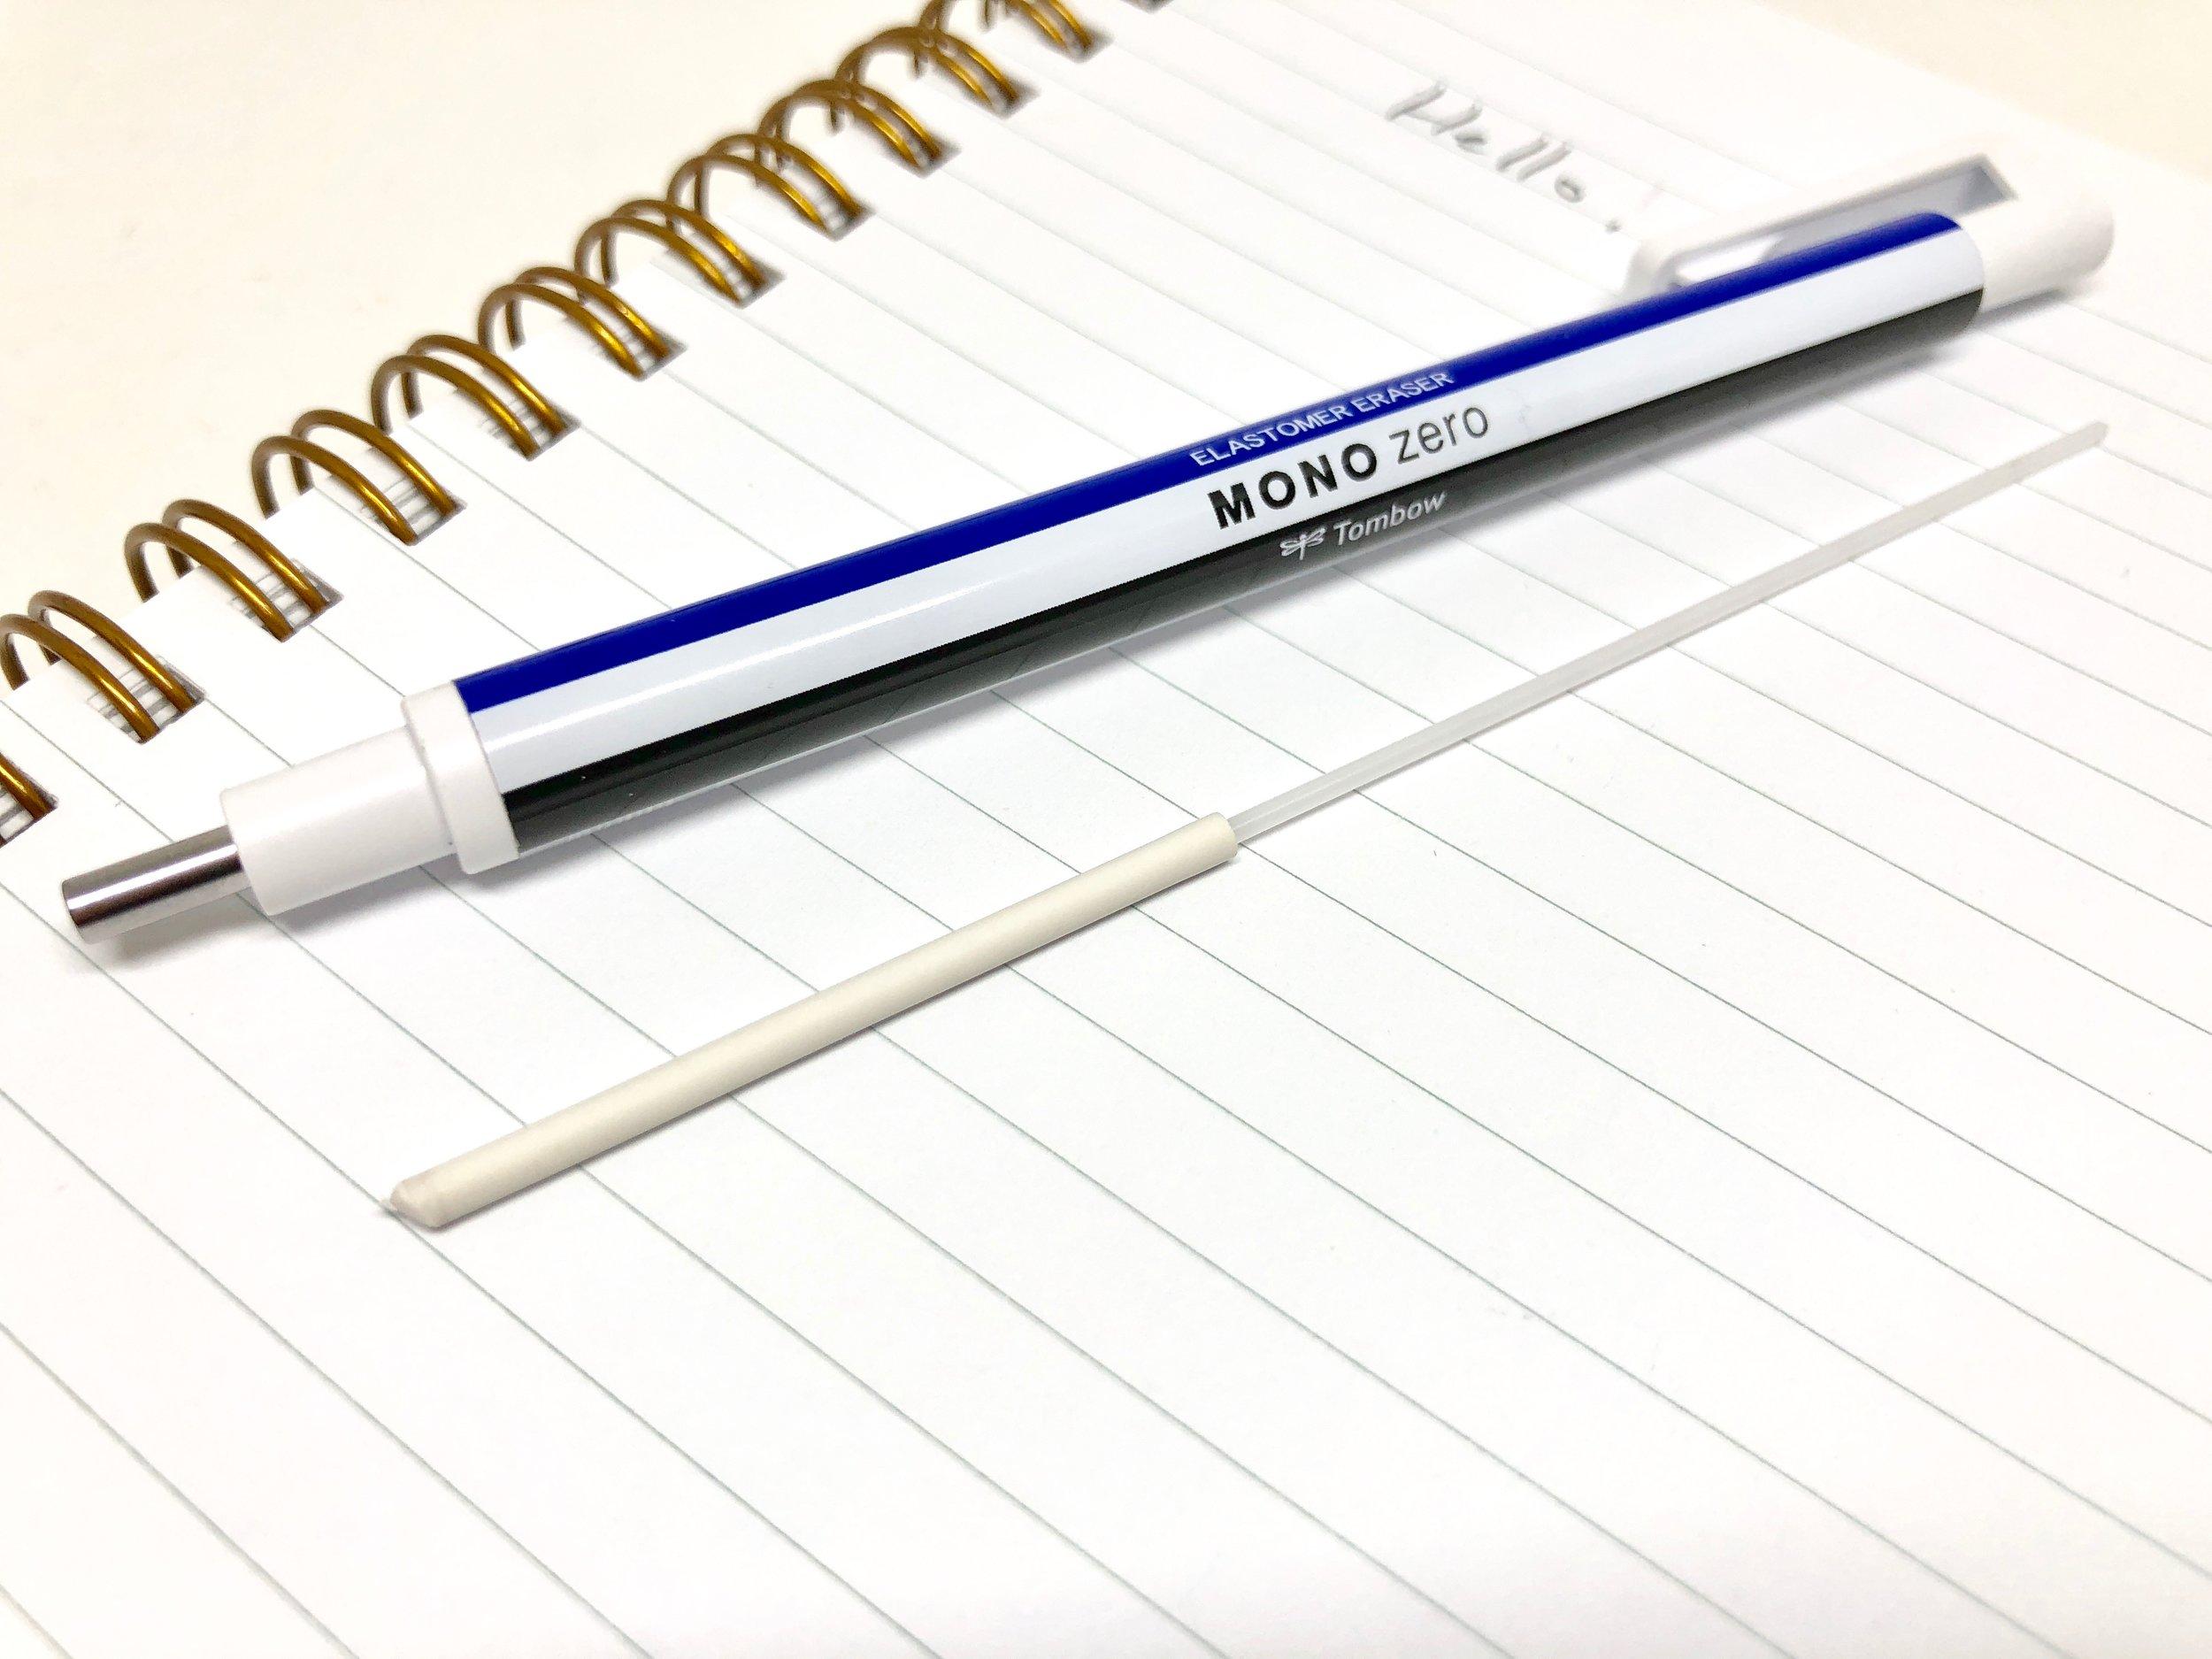 tombow-mono-zero-eraser-stick-11.jpg